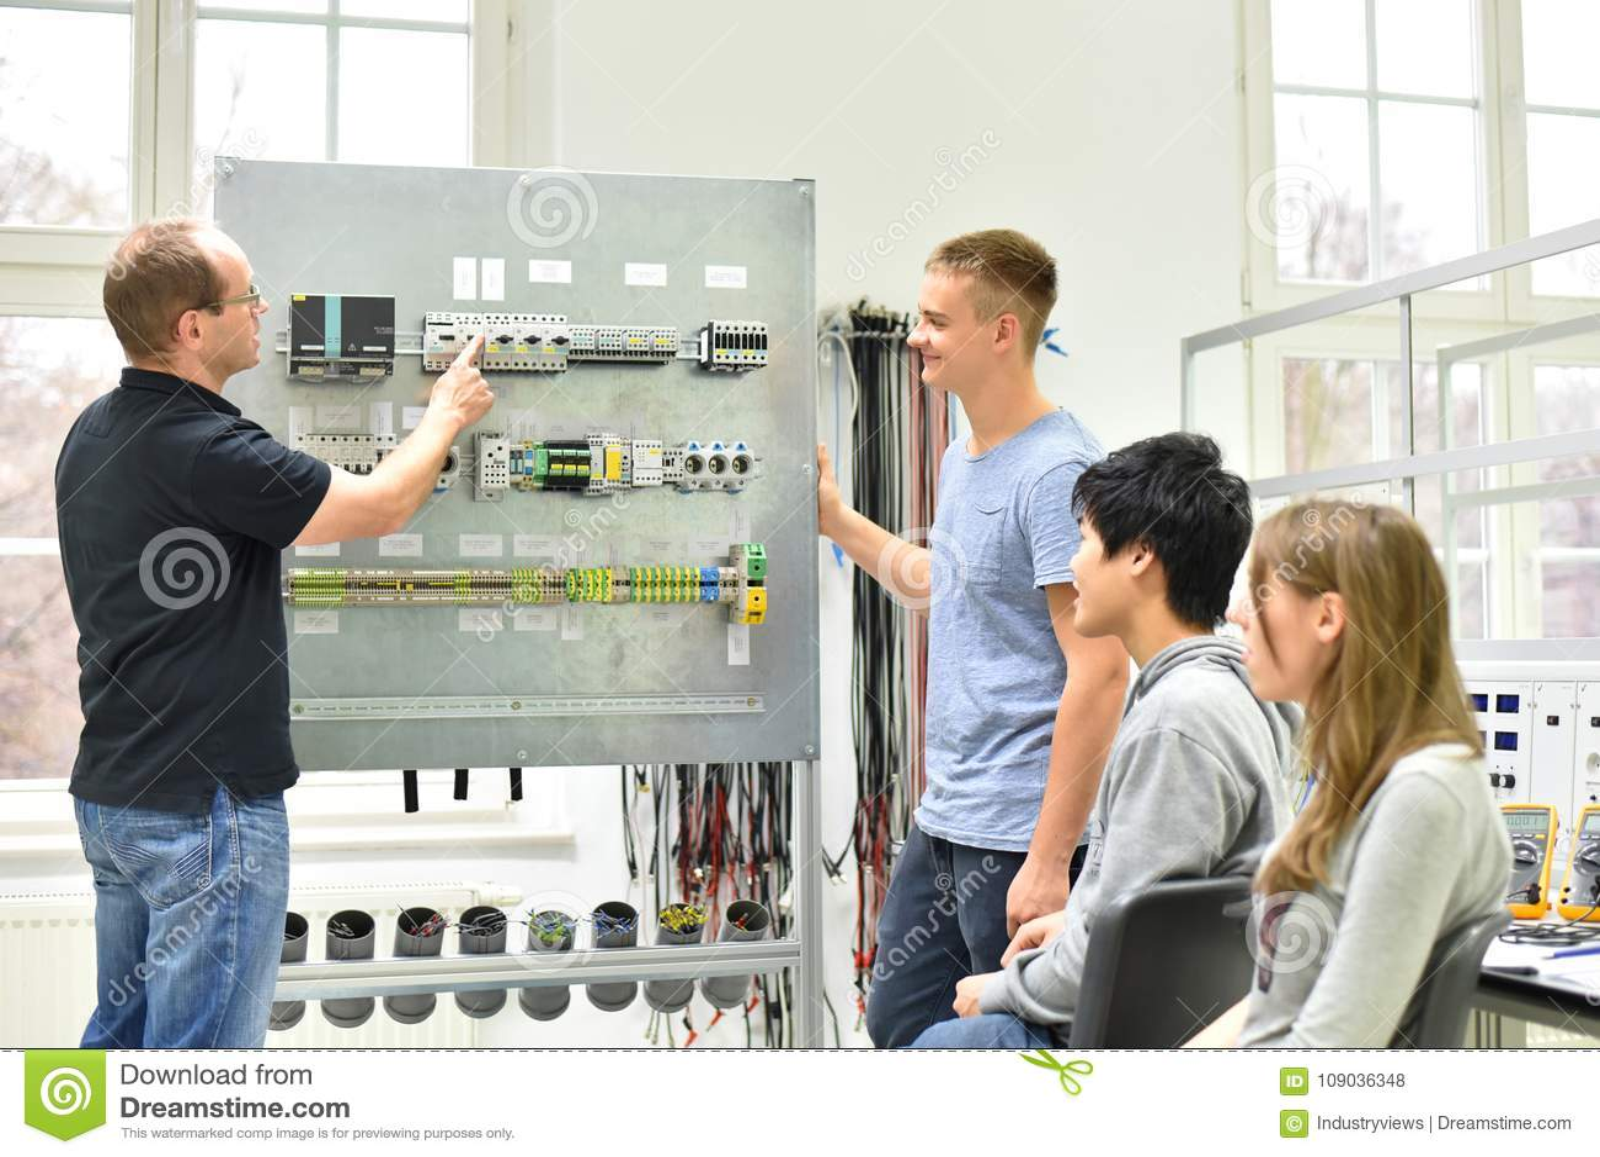 Formazione professionale tecnica nell industria: giovani apprendisti e